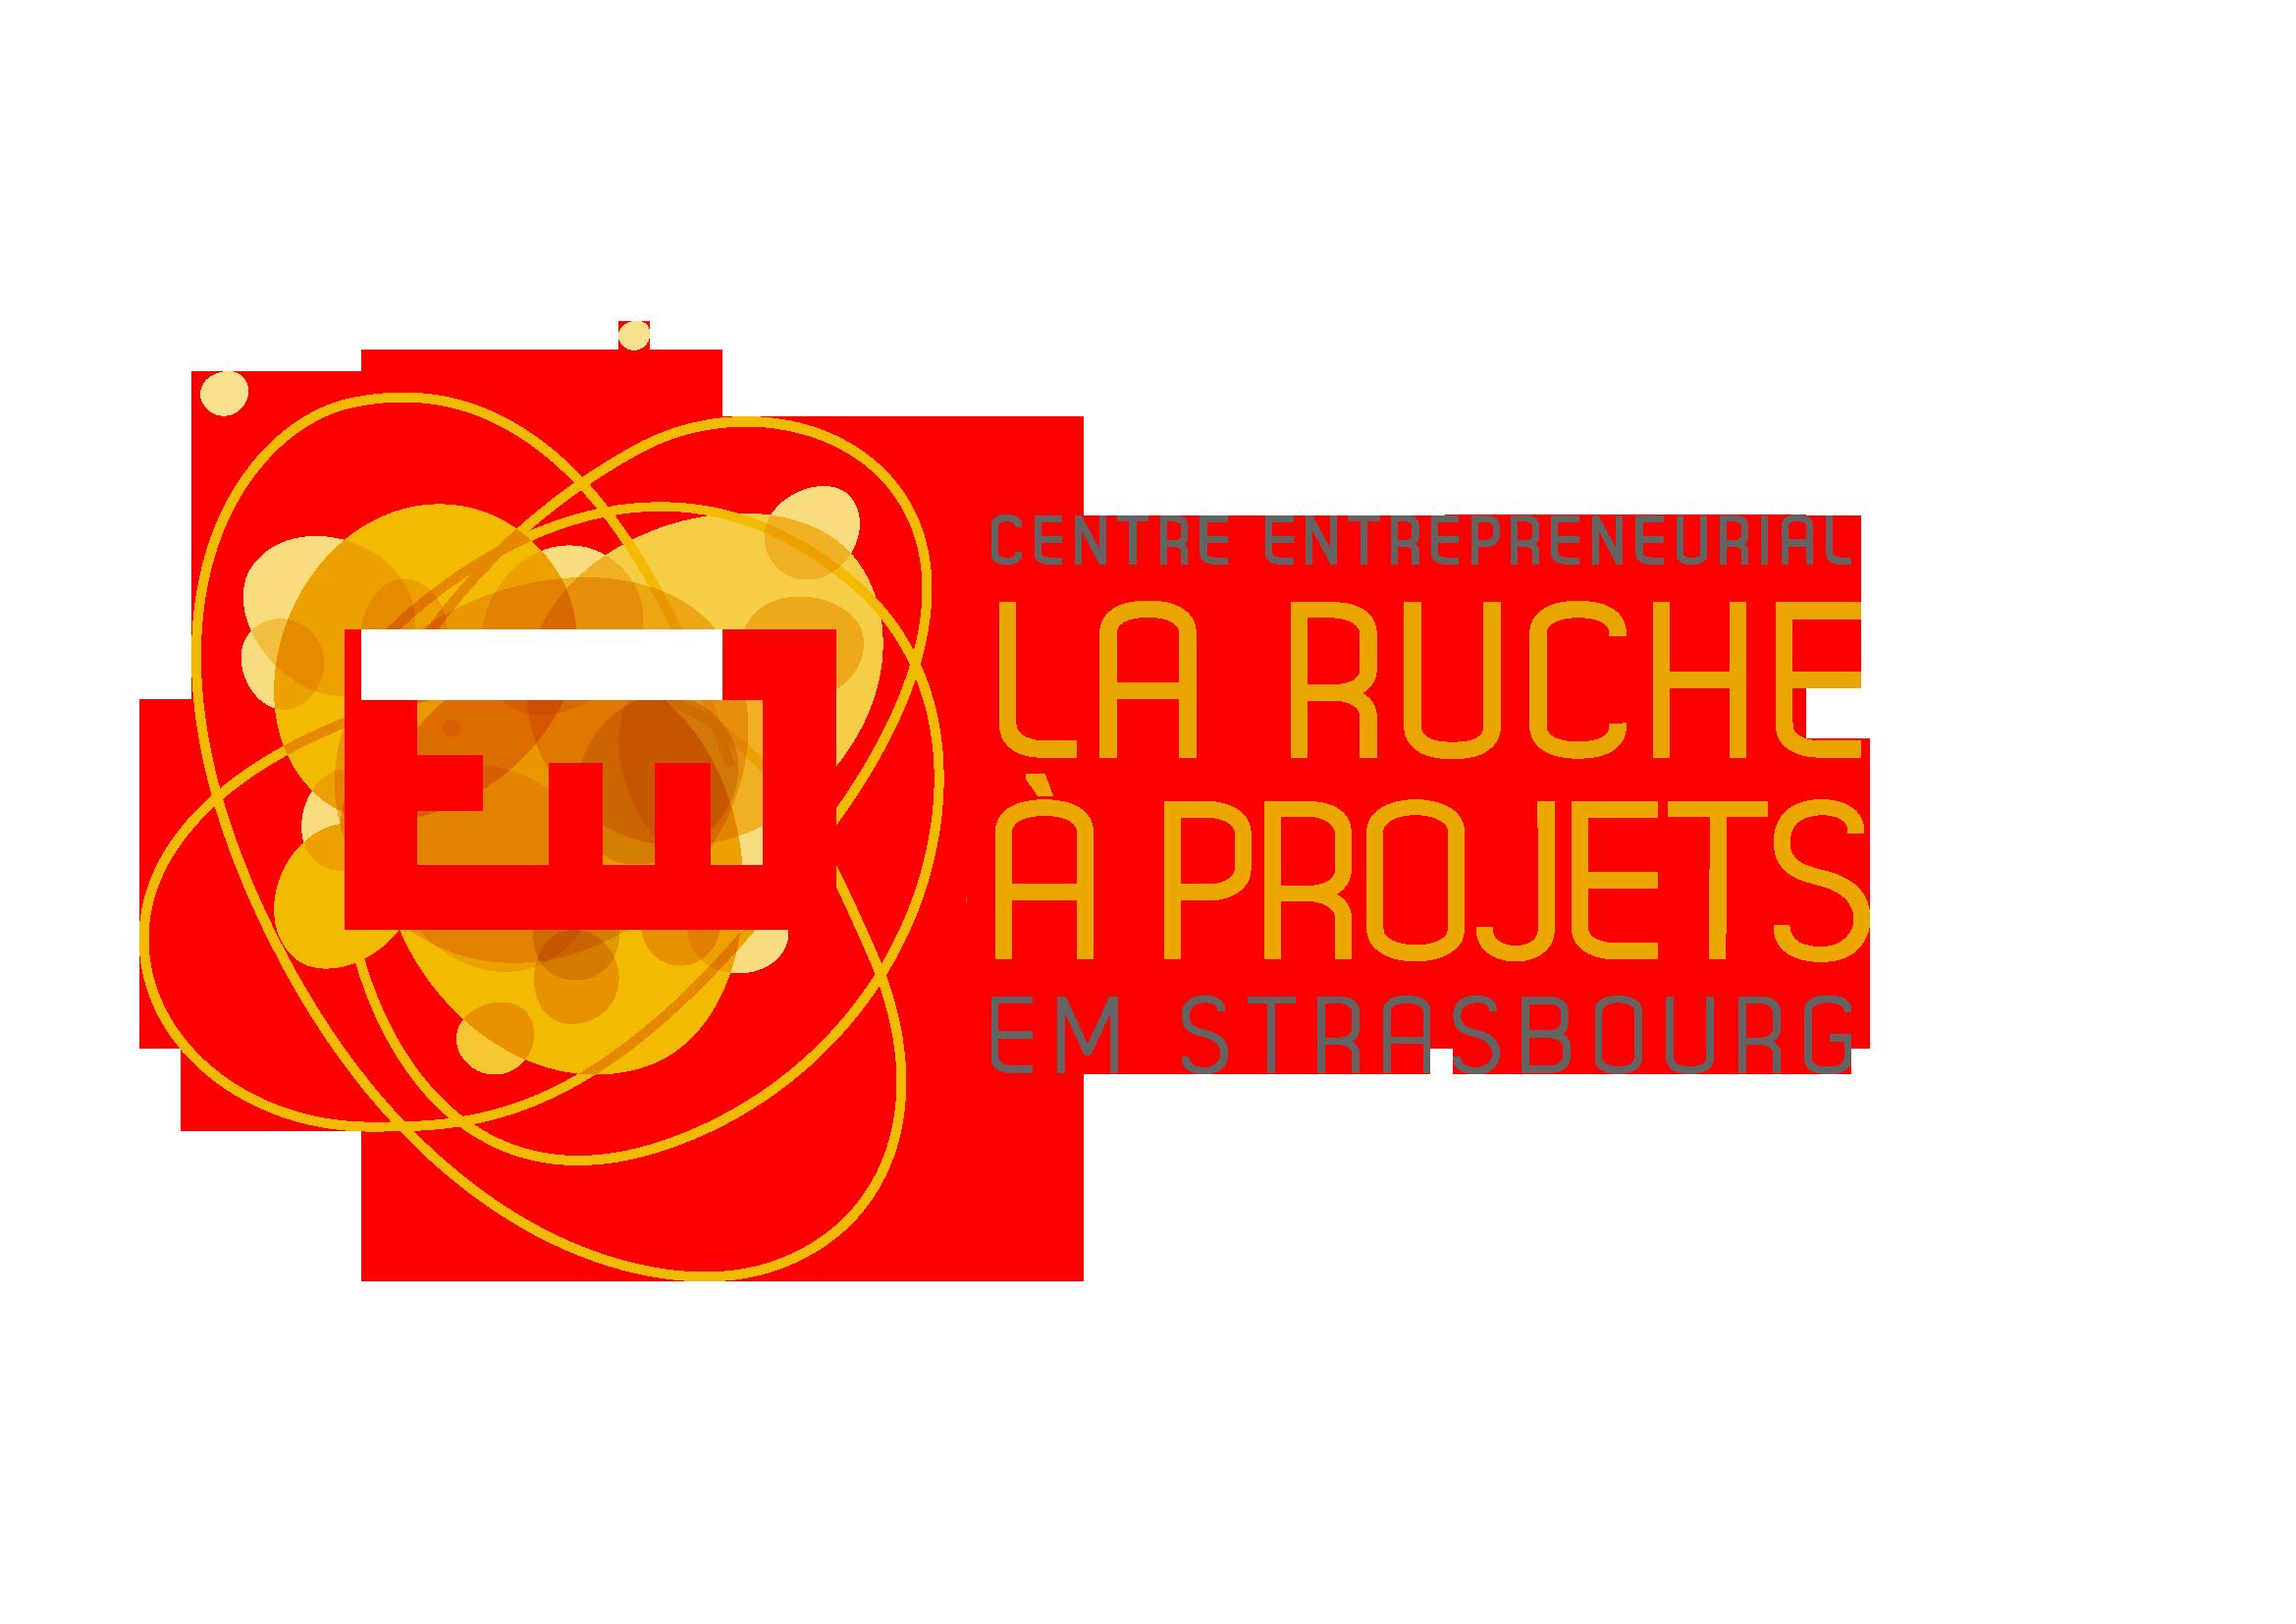 logo La ruche à projets